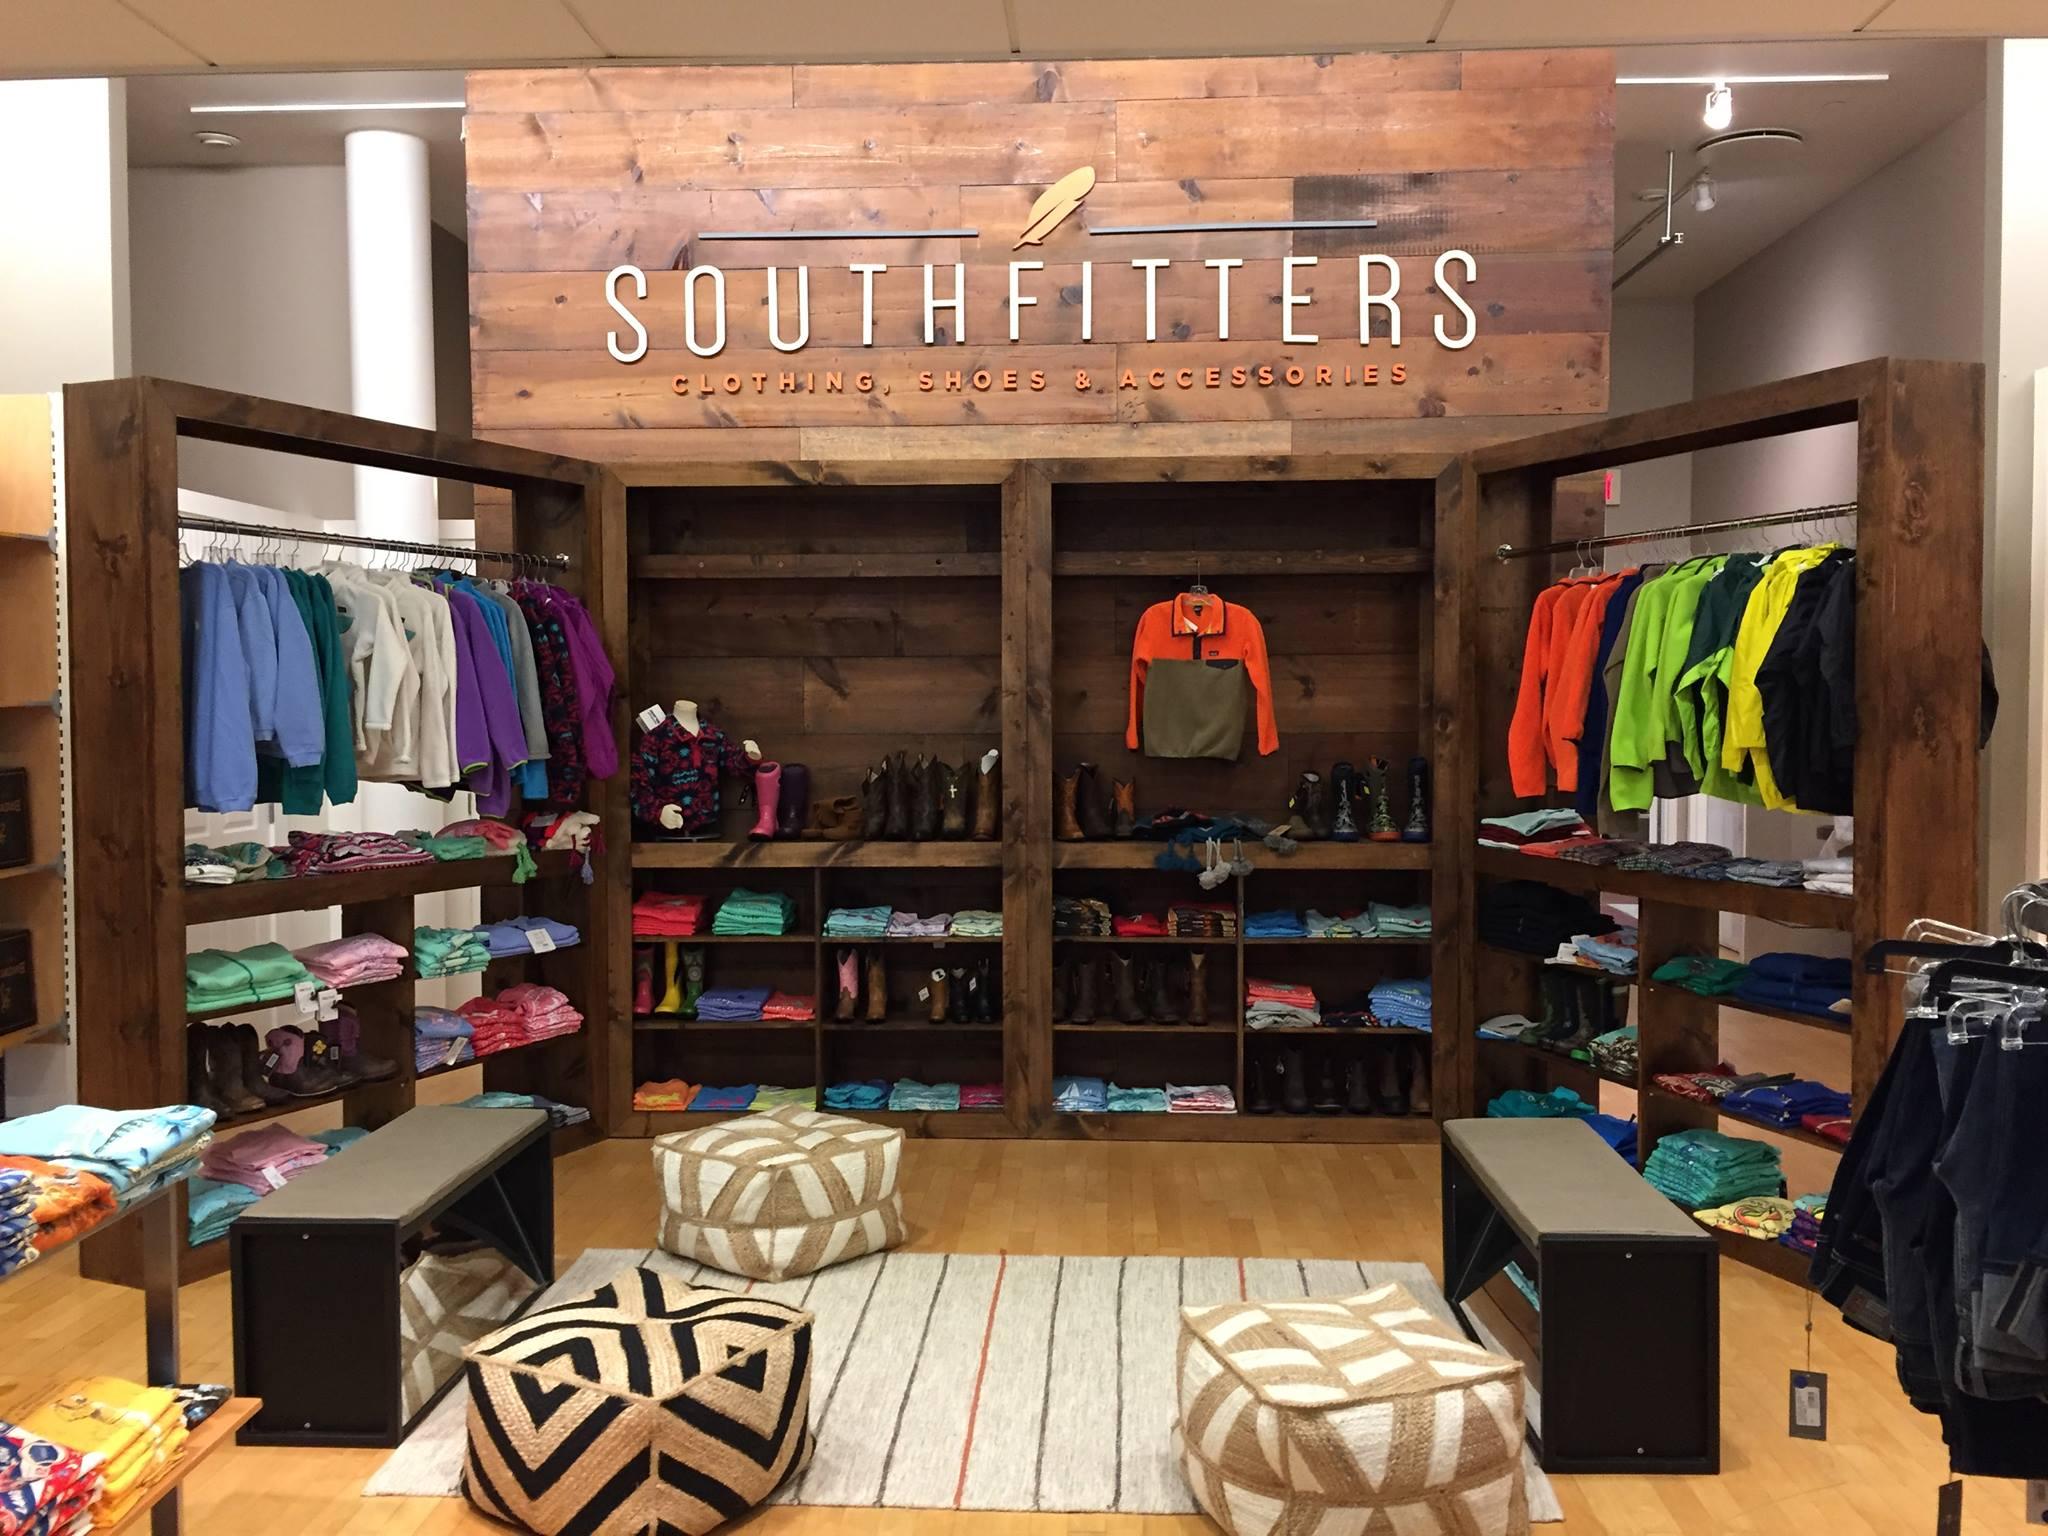 Southfitters